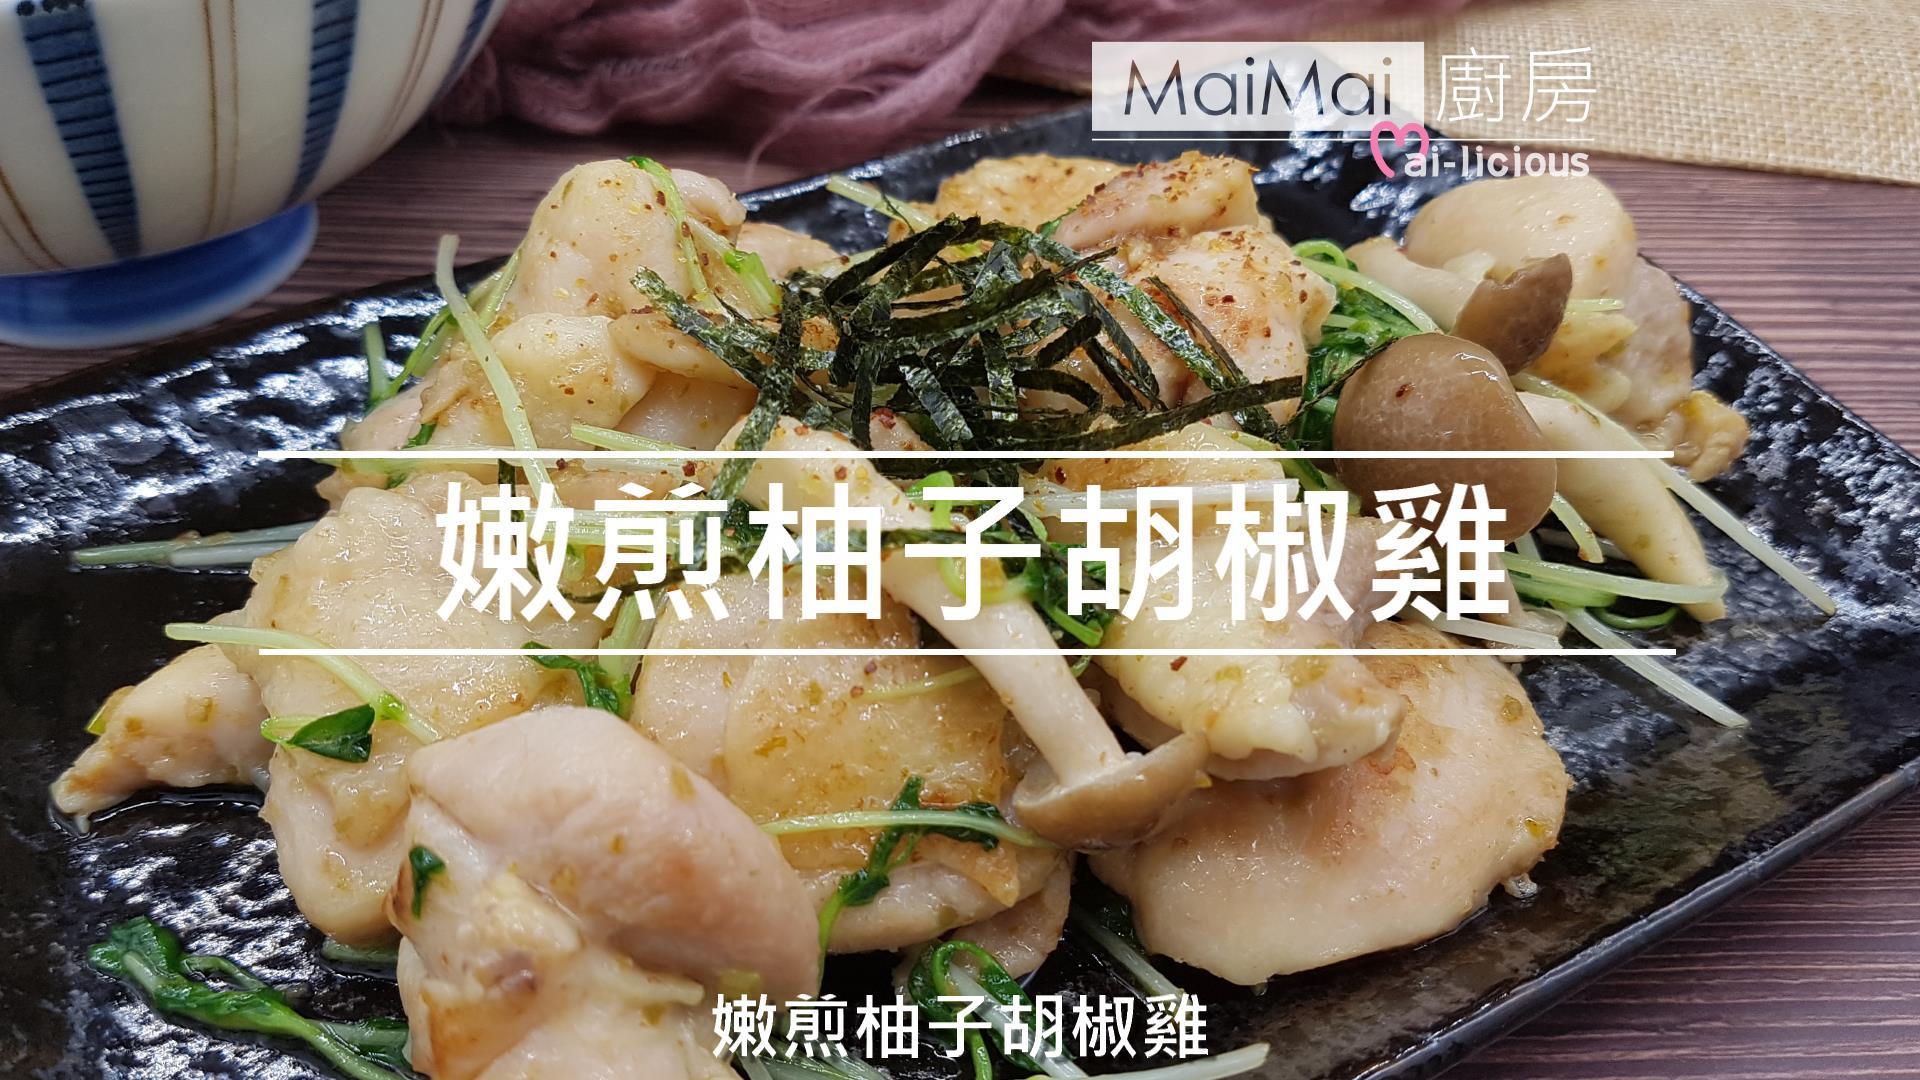 【MaiMai廚房】嫩煎柚子胡椒雞